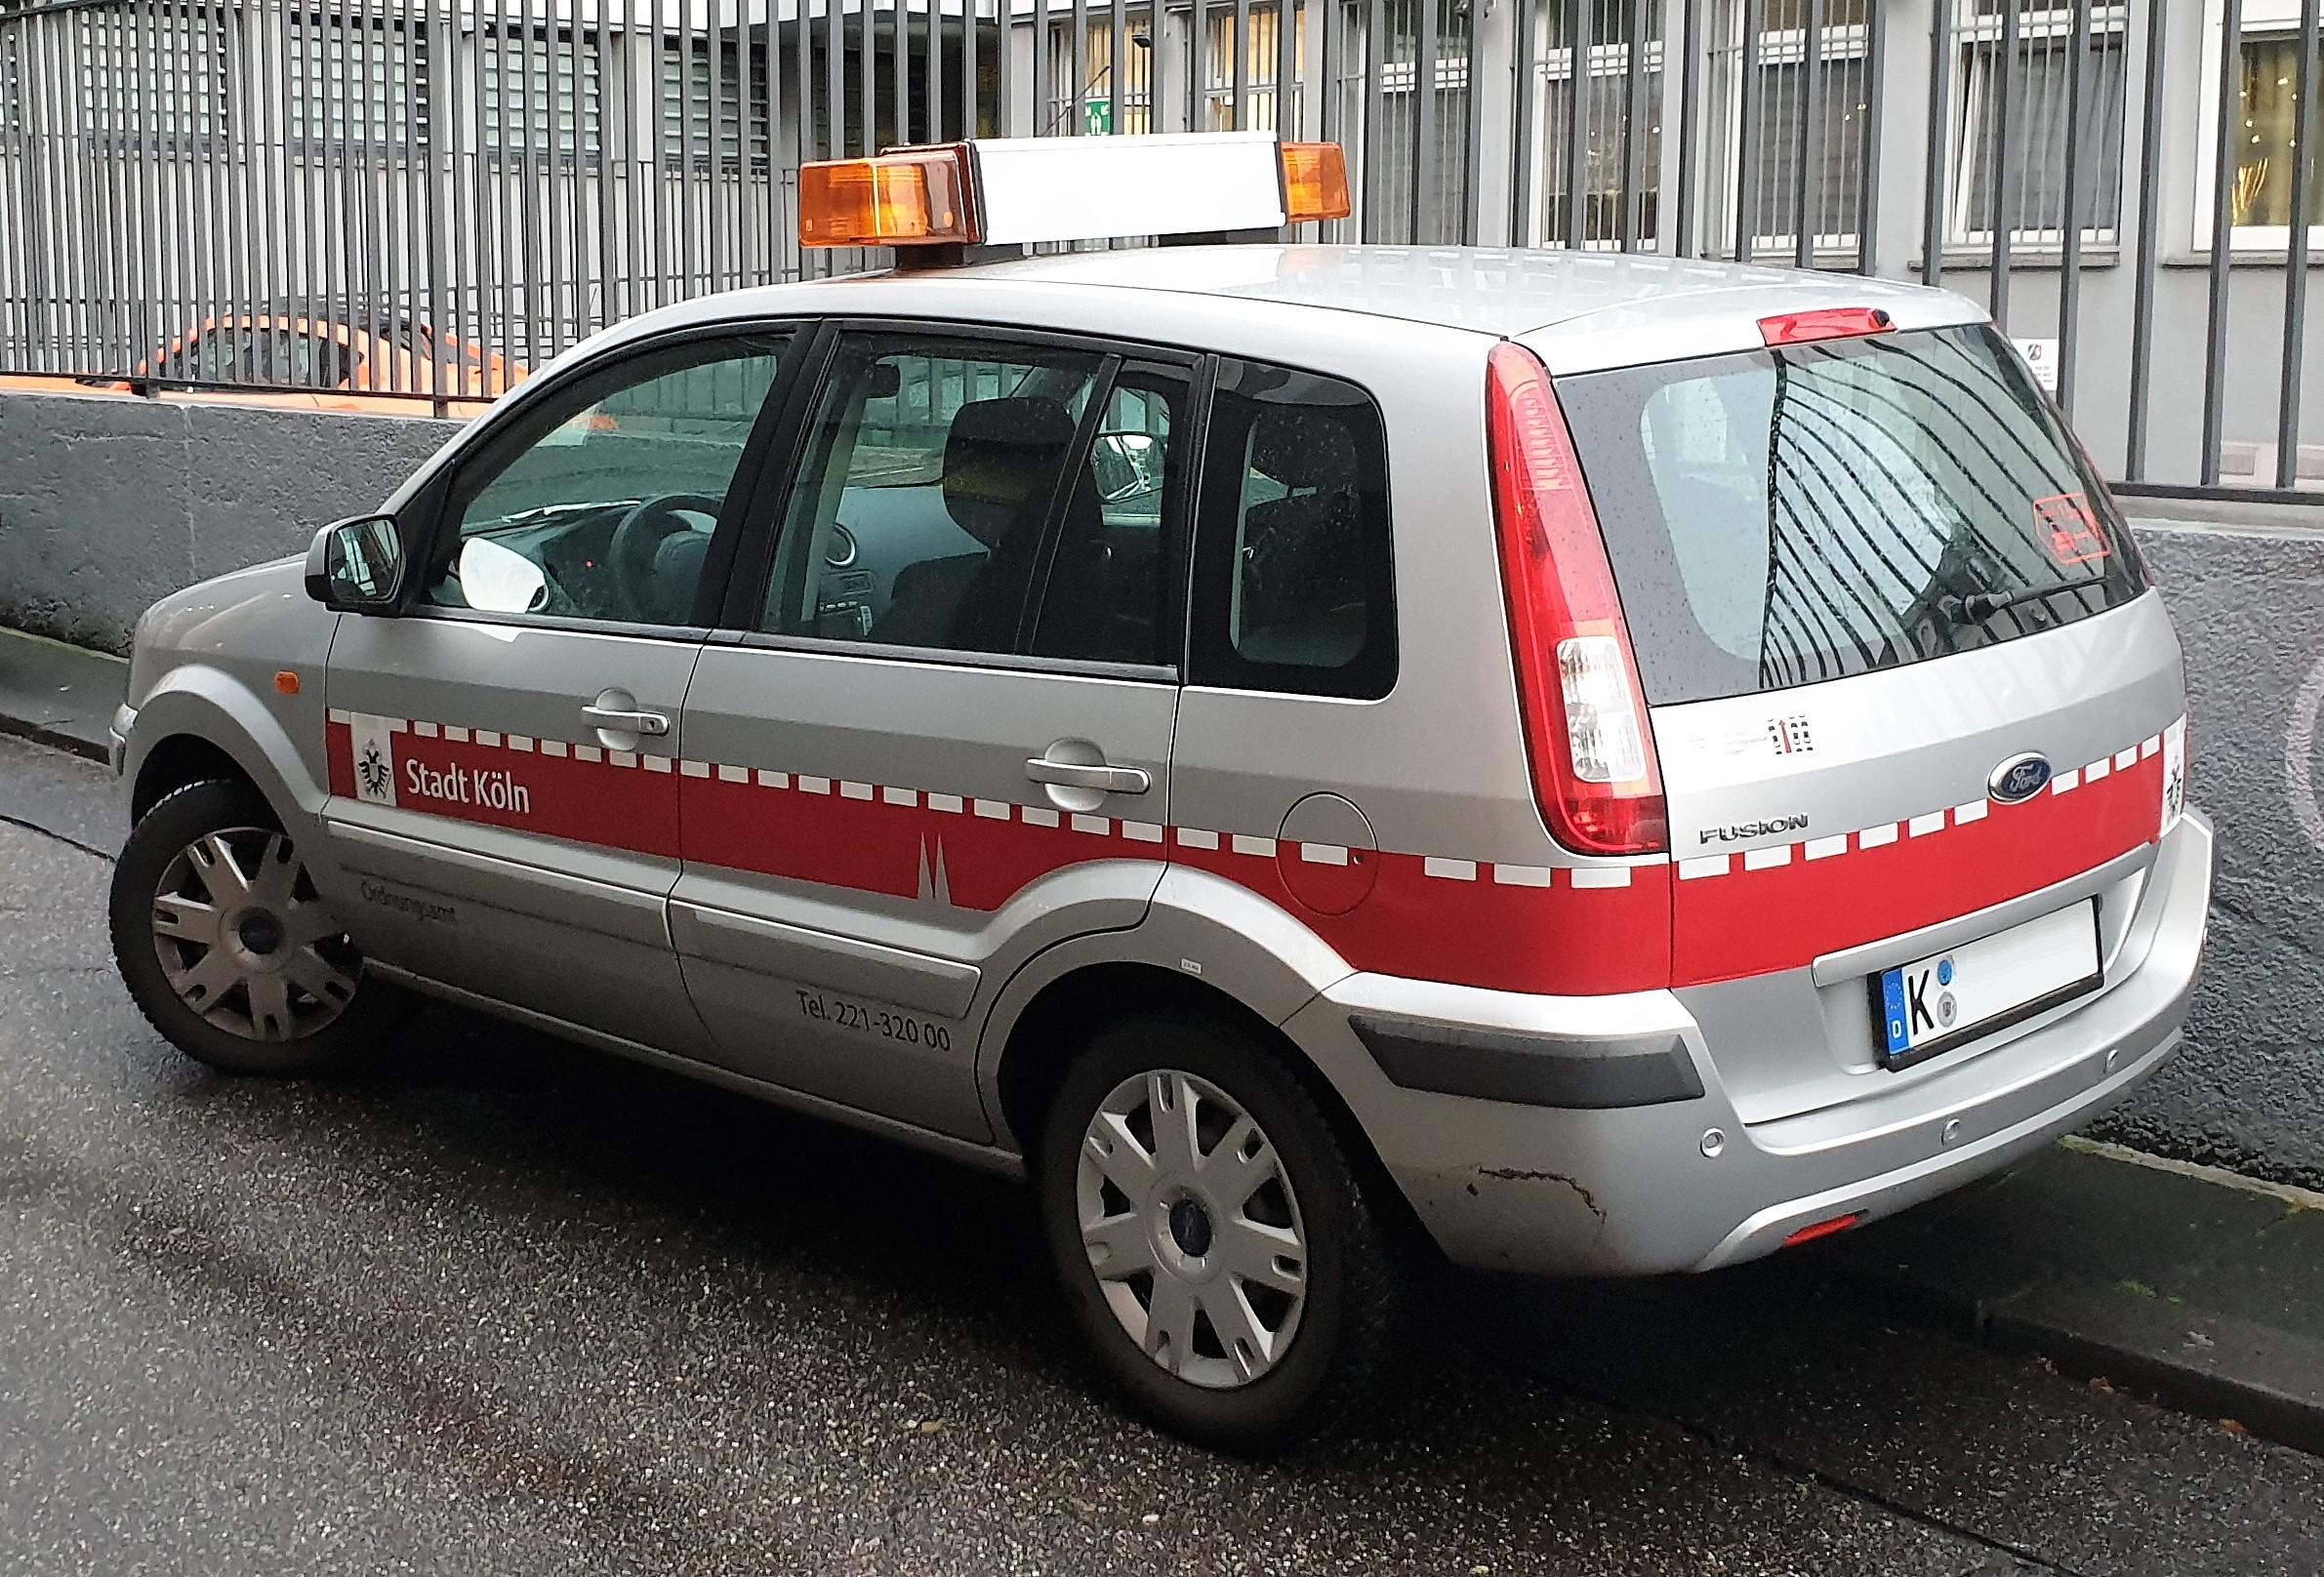 Köln Ordnungsamt